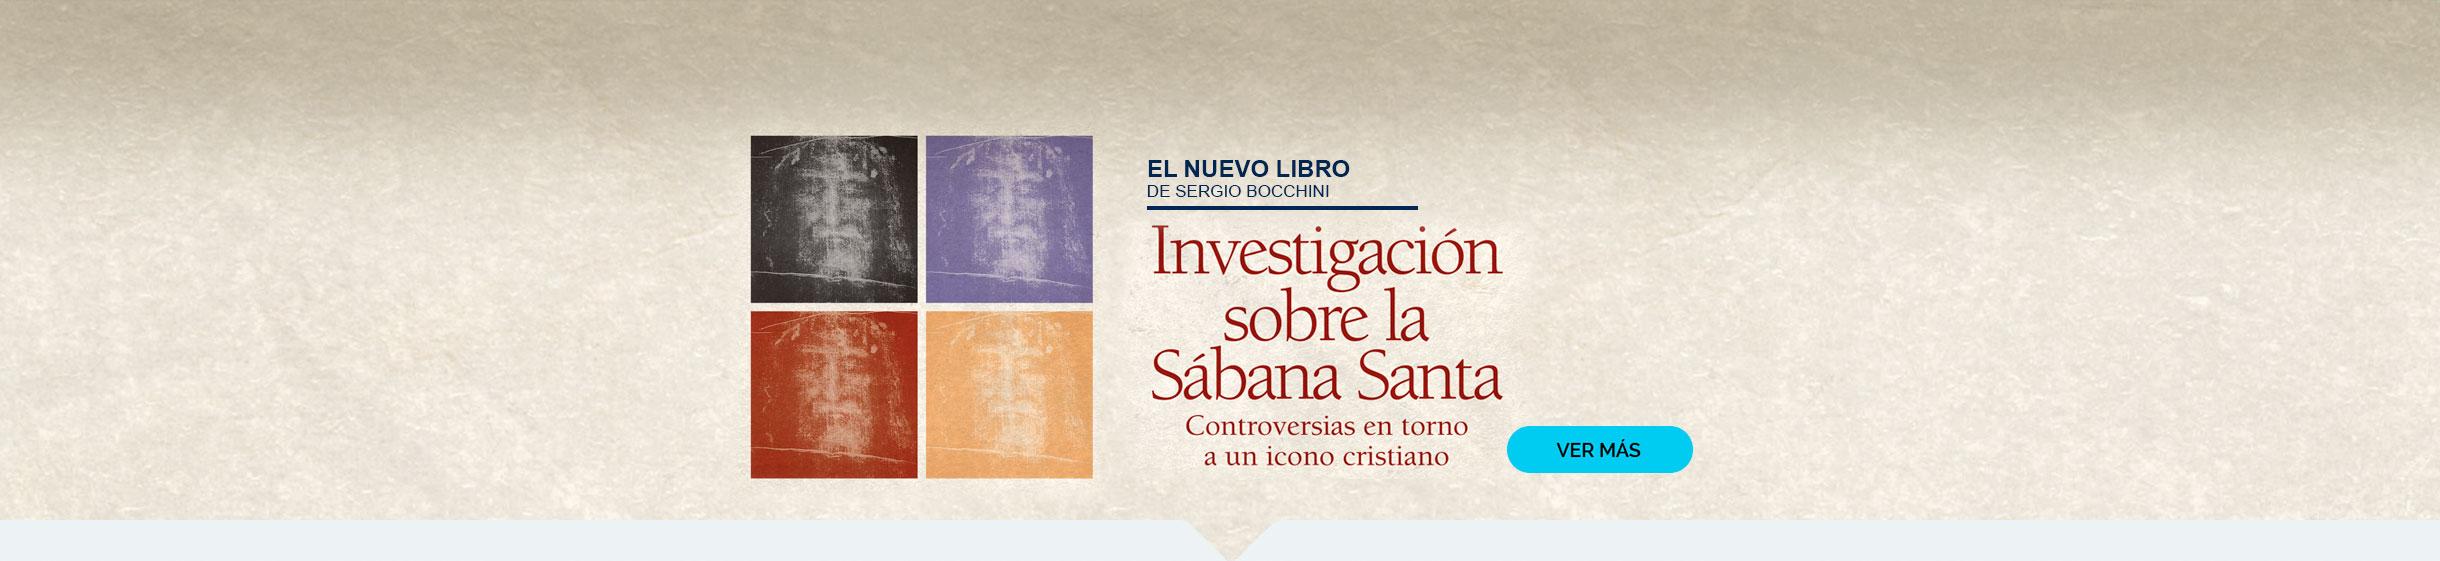 banner_sabana_santa